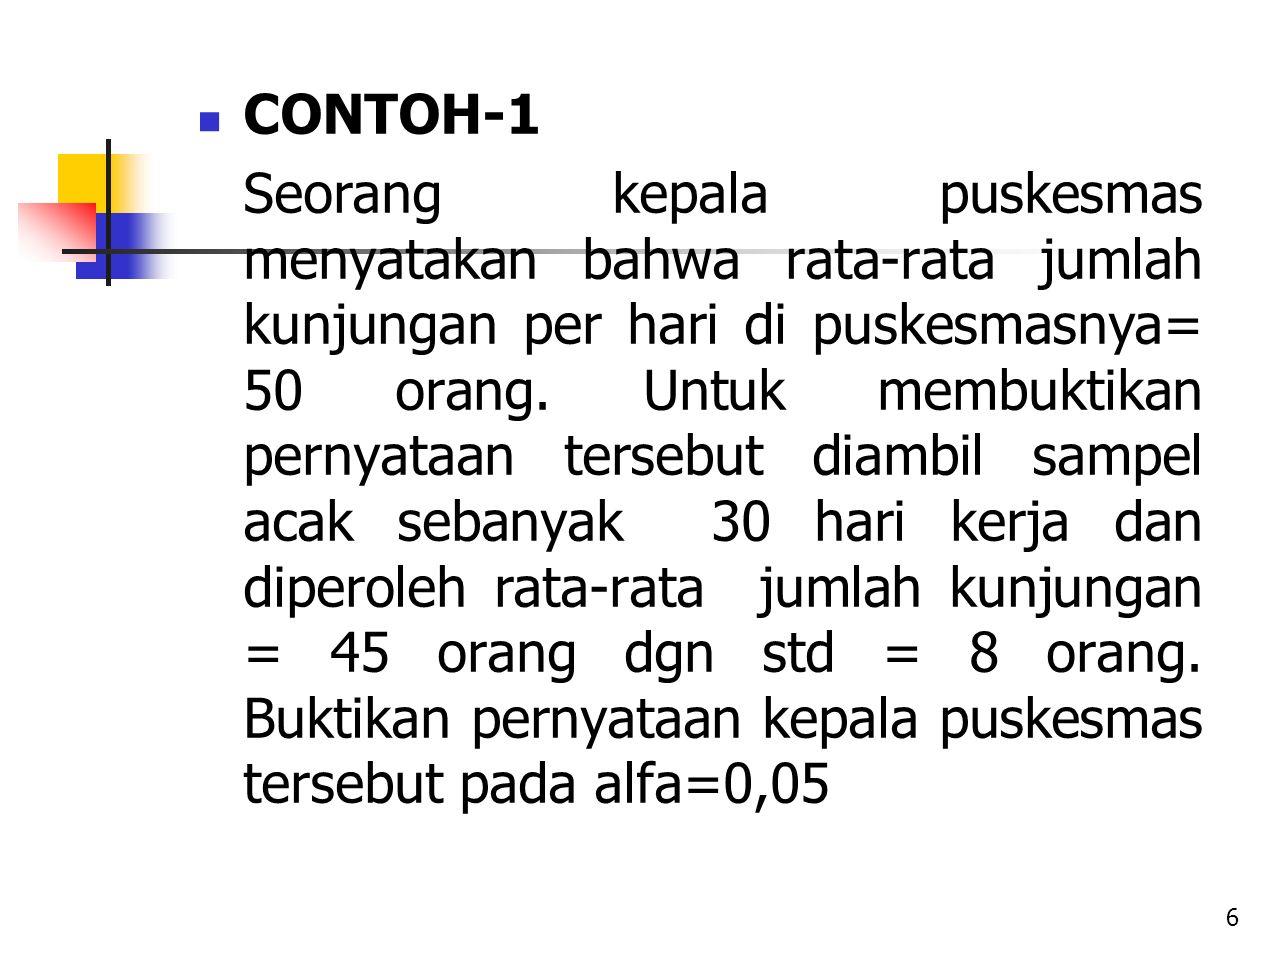 CONTOH-1 Seorang kepala puskesmas menyatakan bahwa rata-rata jumlah kunjungan per hari di puskesmasnya= 50 orang. Untuk membuktikan pernyataan tersebu